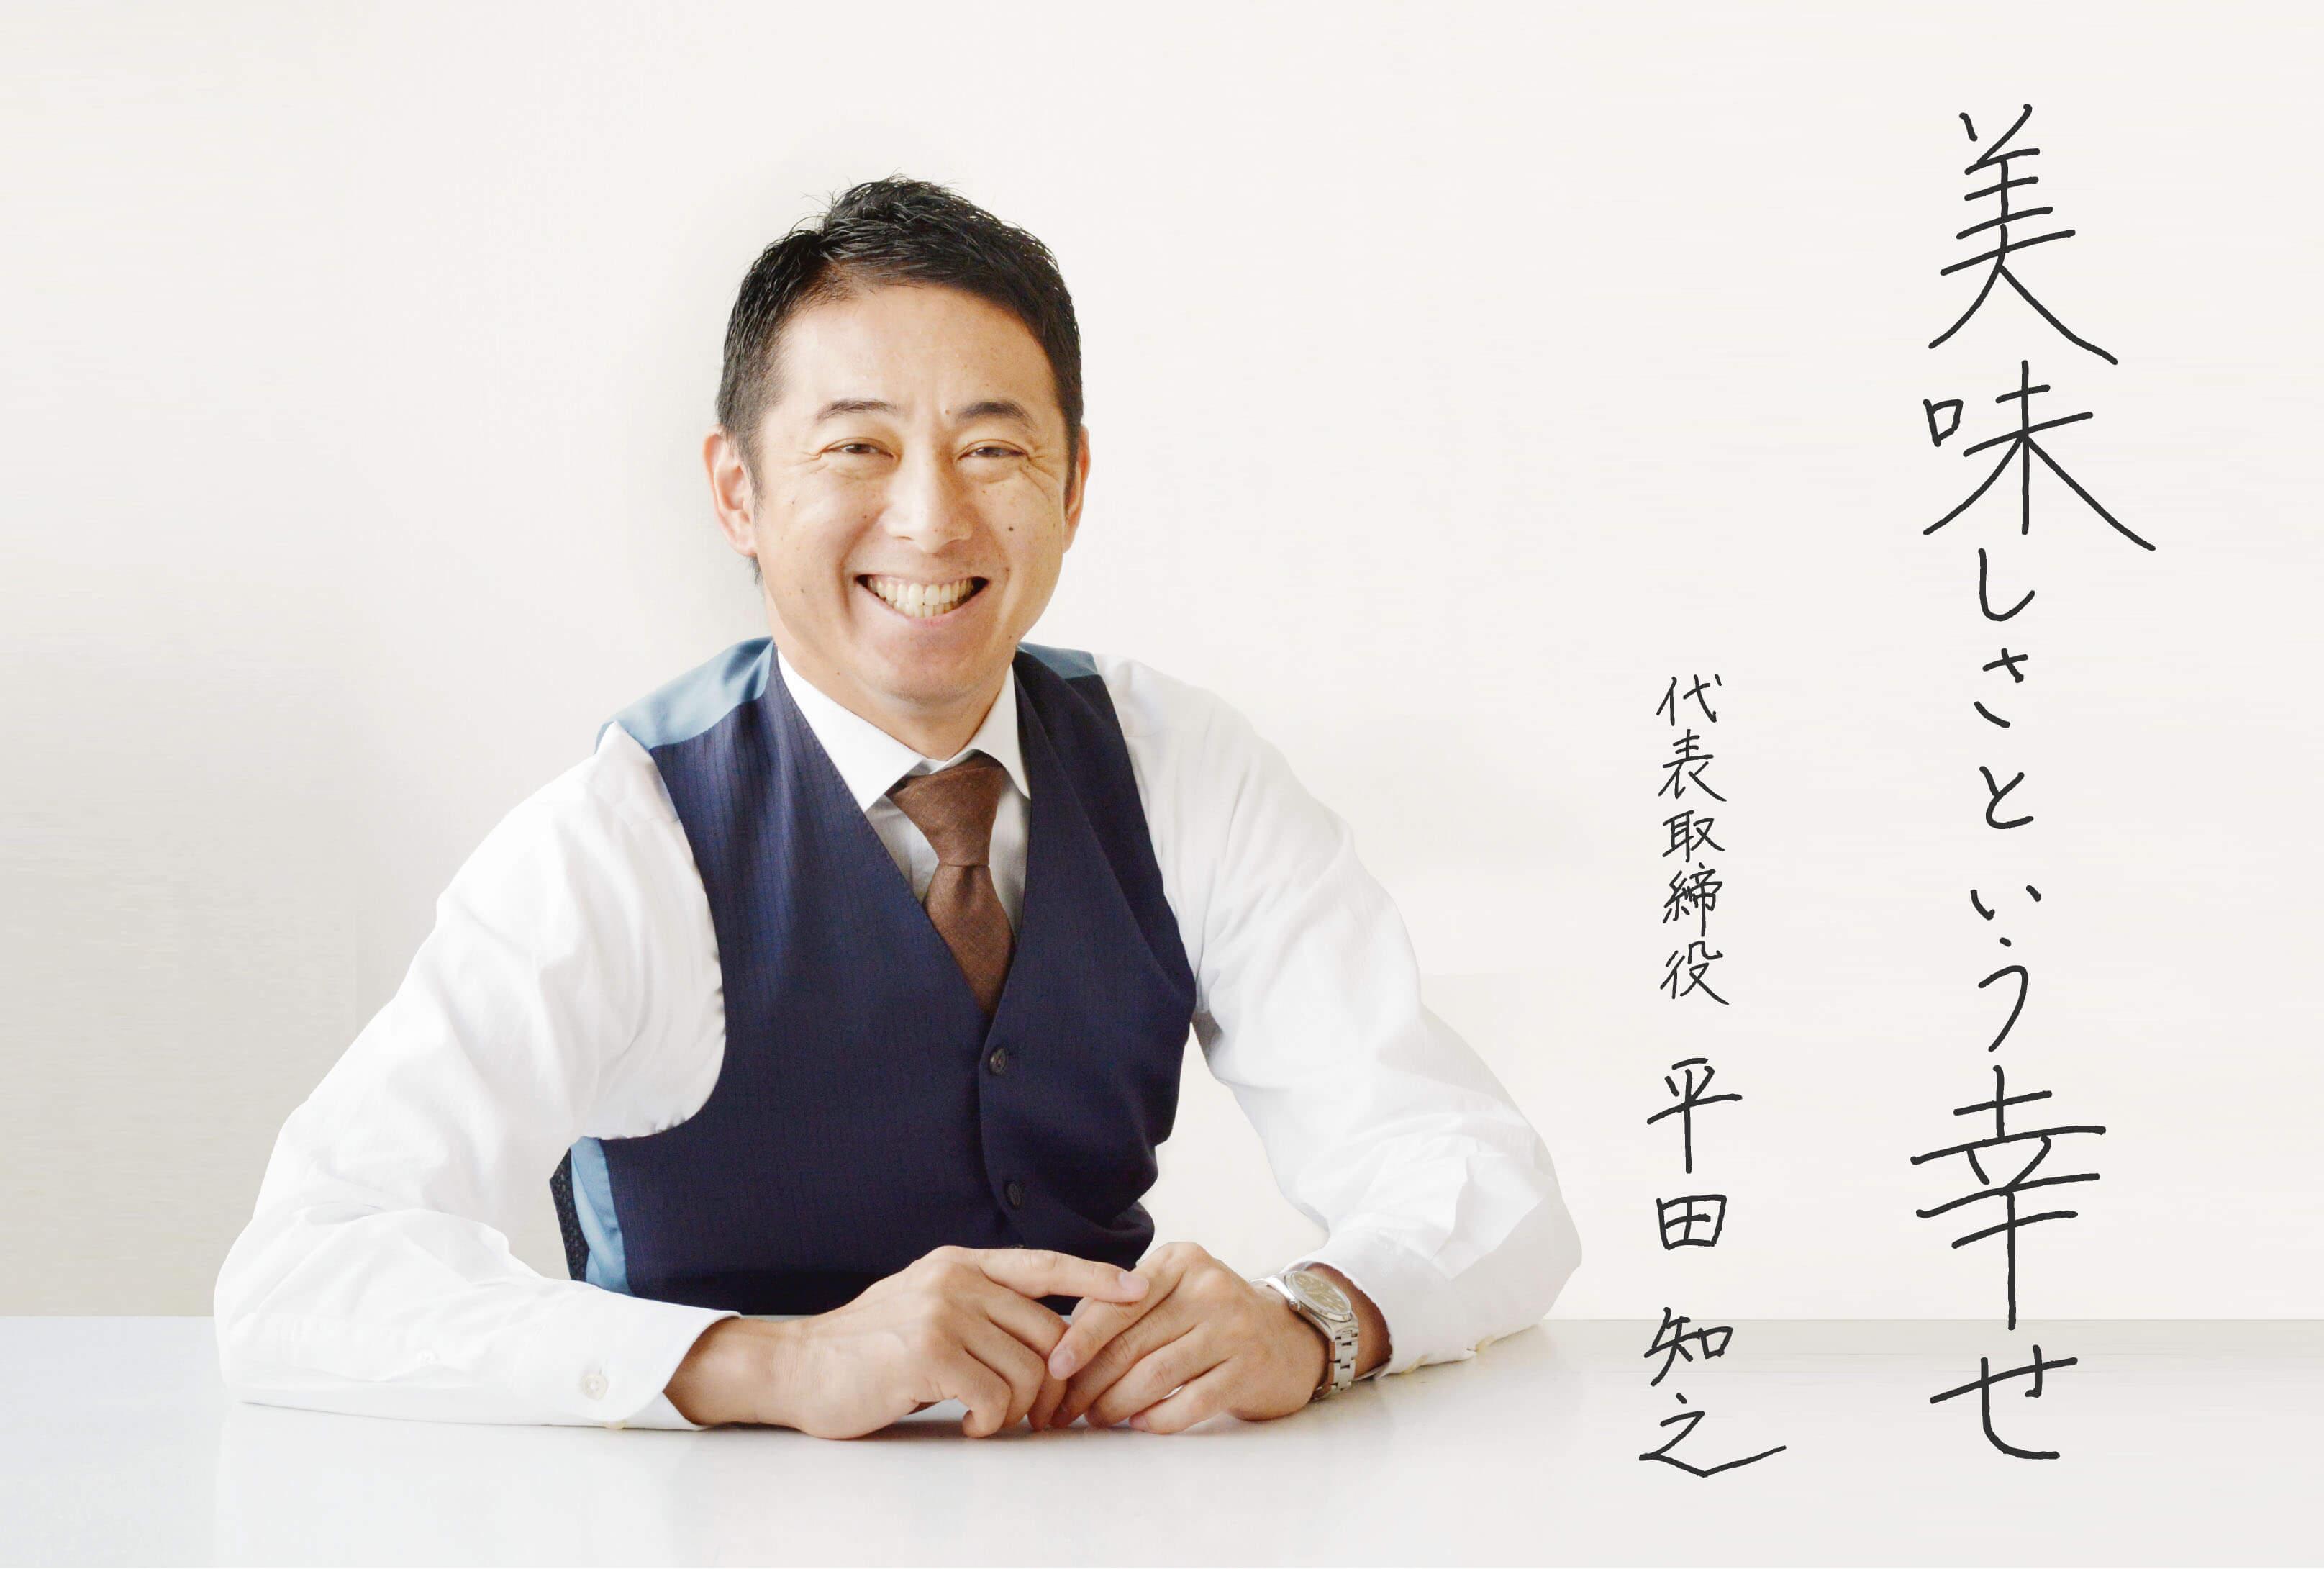 株式会社プロフーズ 代表取締役社長 平田知之